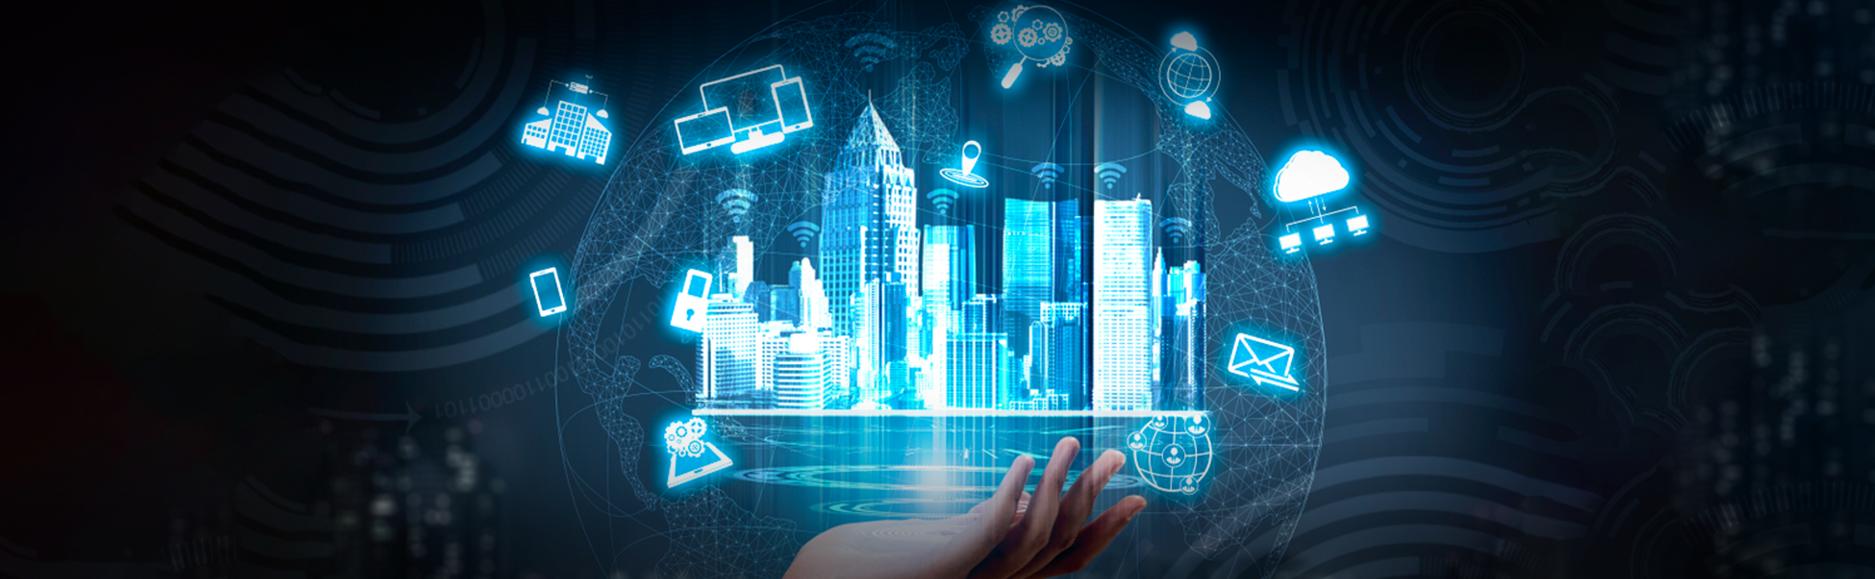 Governo Digital: o que é e sua importância na gestão pública